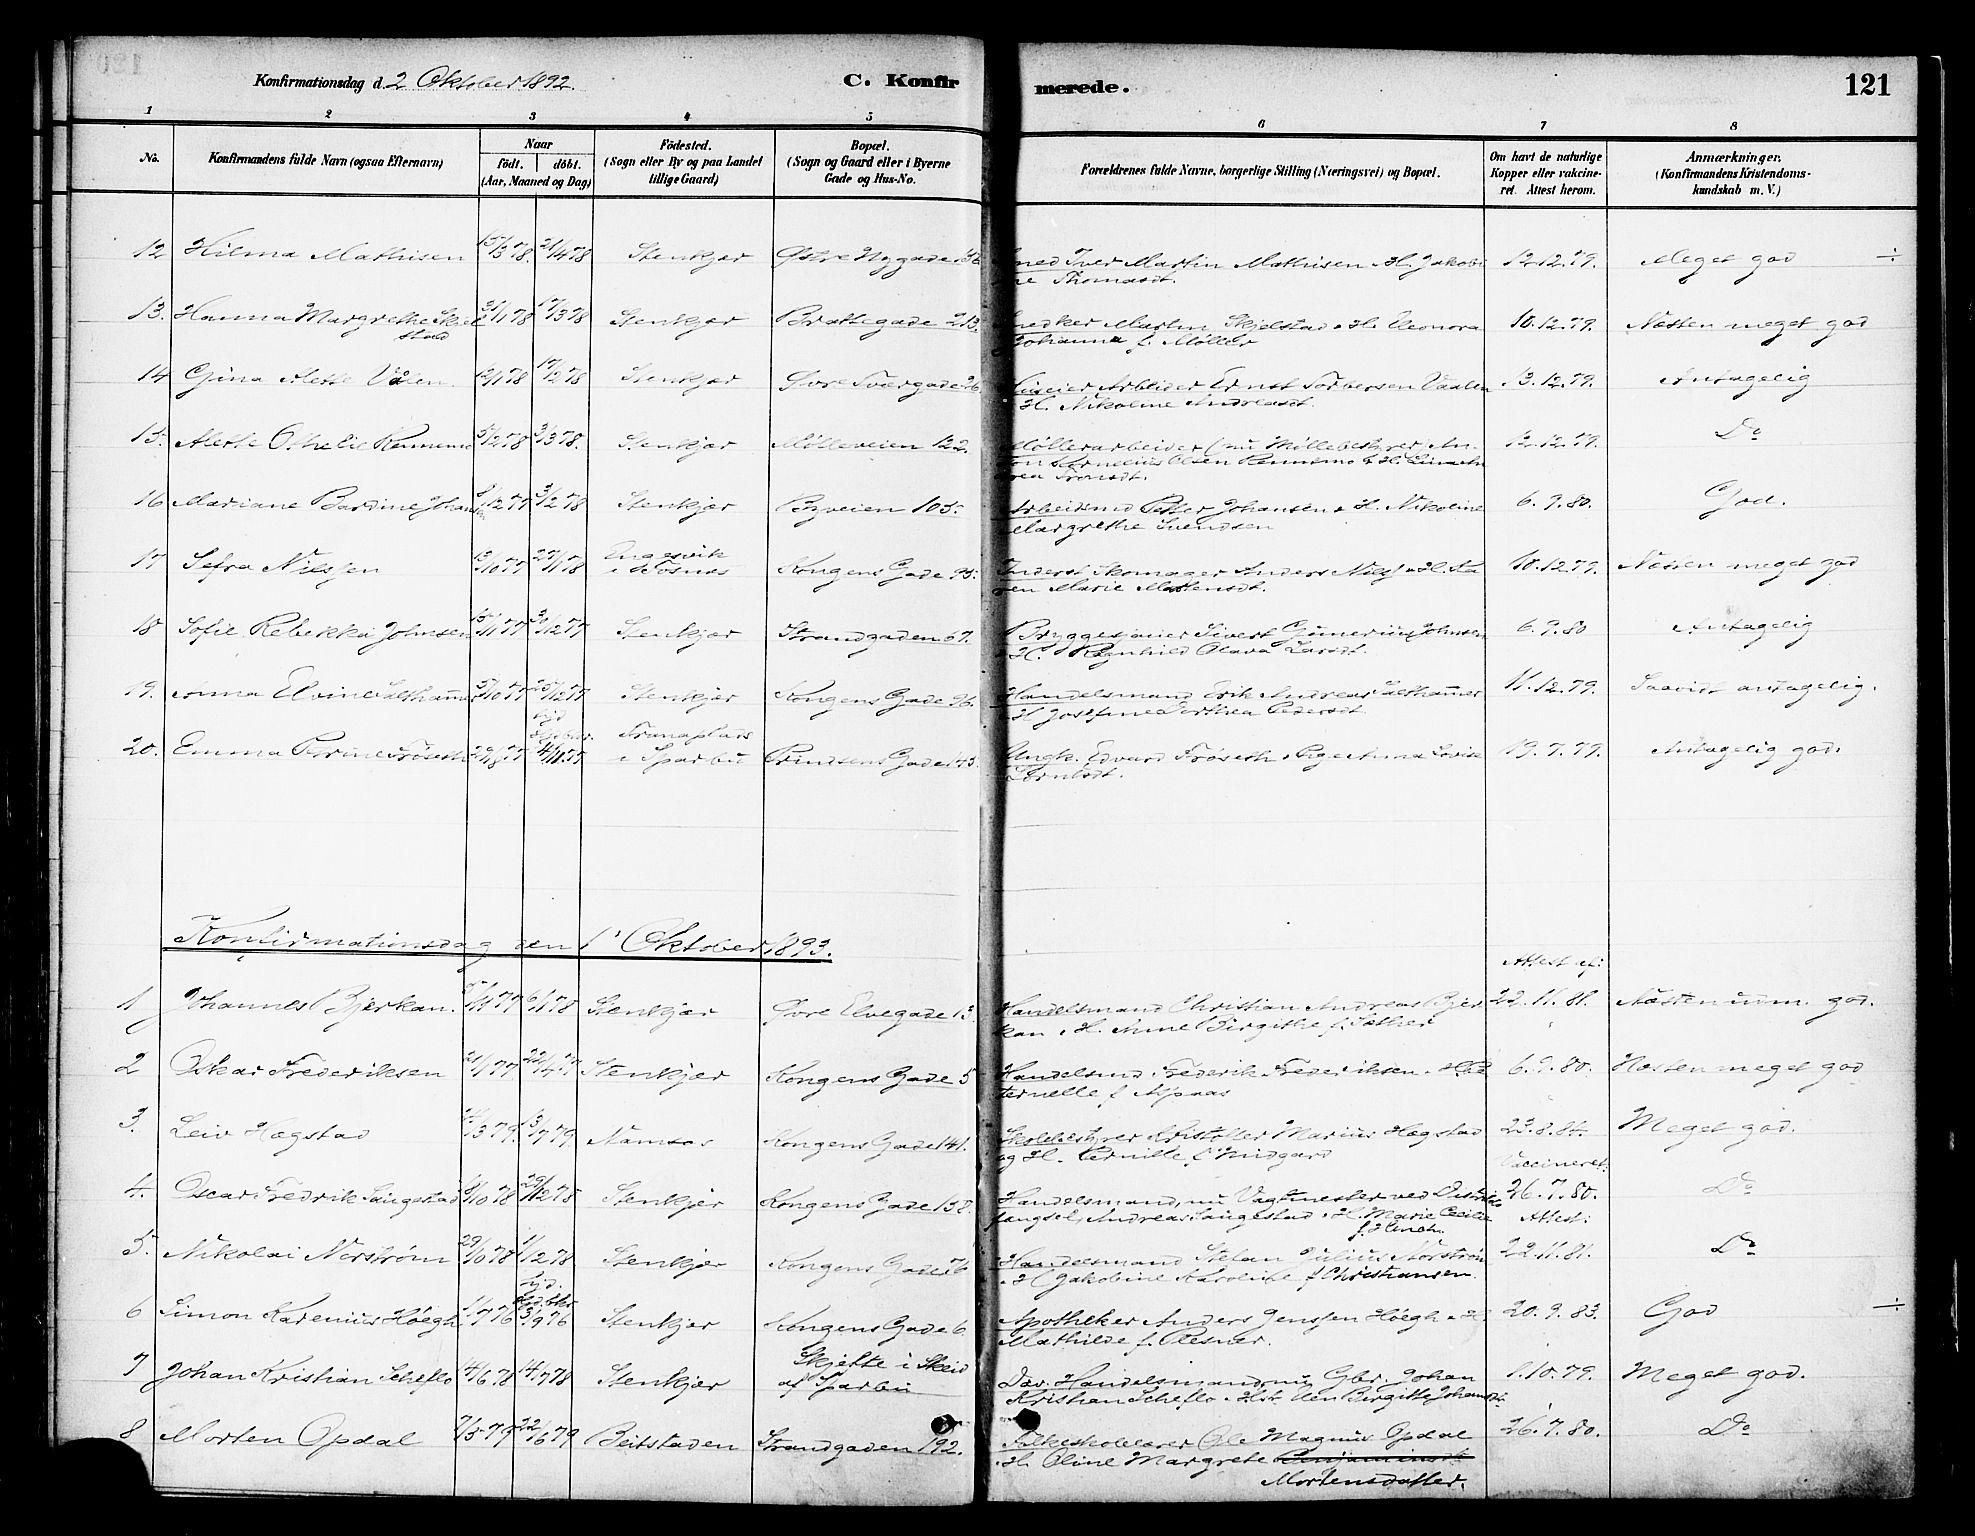 SAT, Ministerialprotokoller, klokkerbøker og fødselsregistre - Nord-Trøndelag, 739/L0371: Ministerialbok nr. 739A03, 1881-1895, s. 121